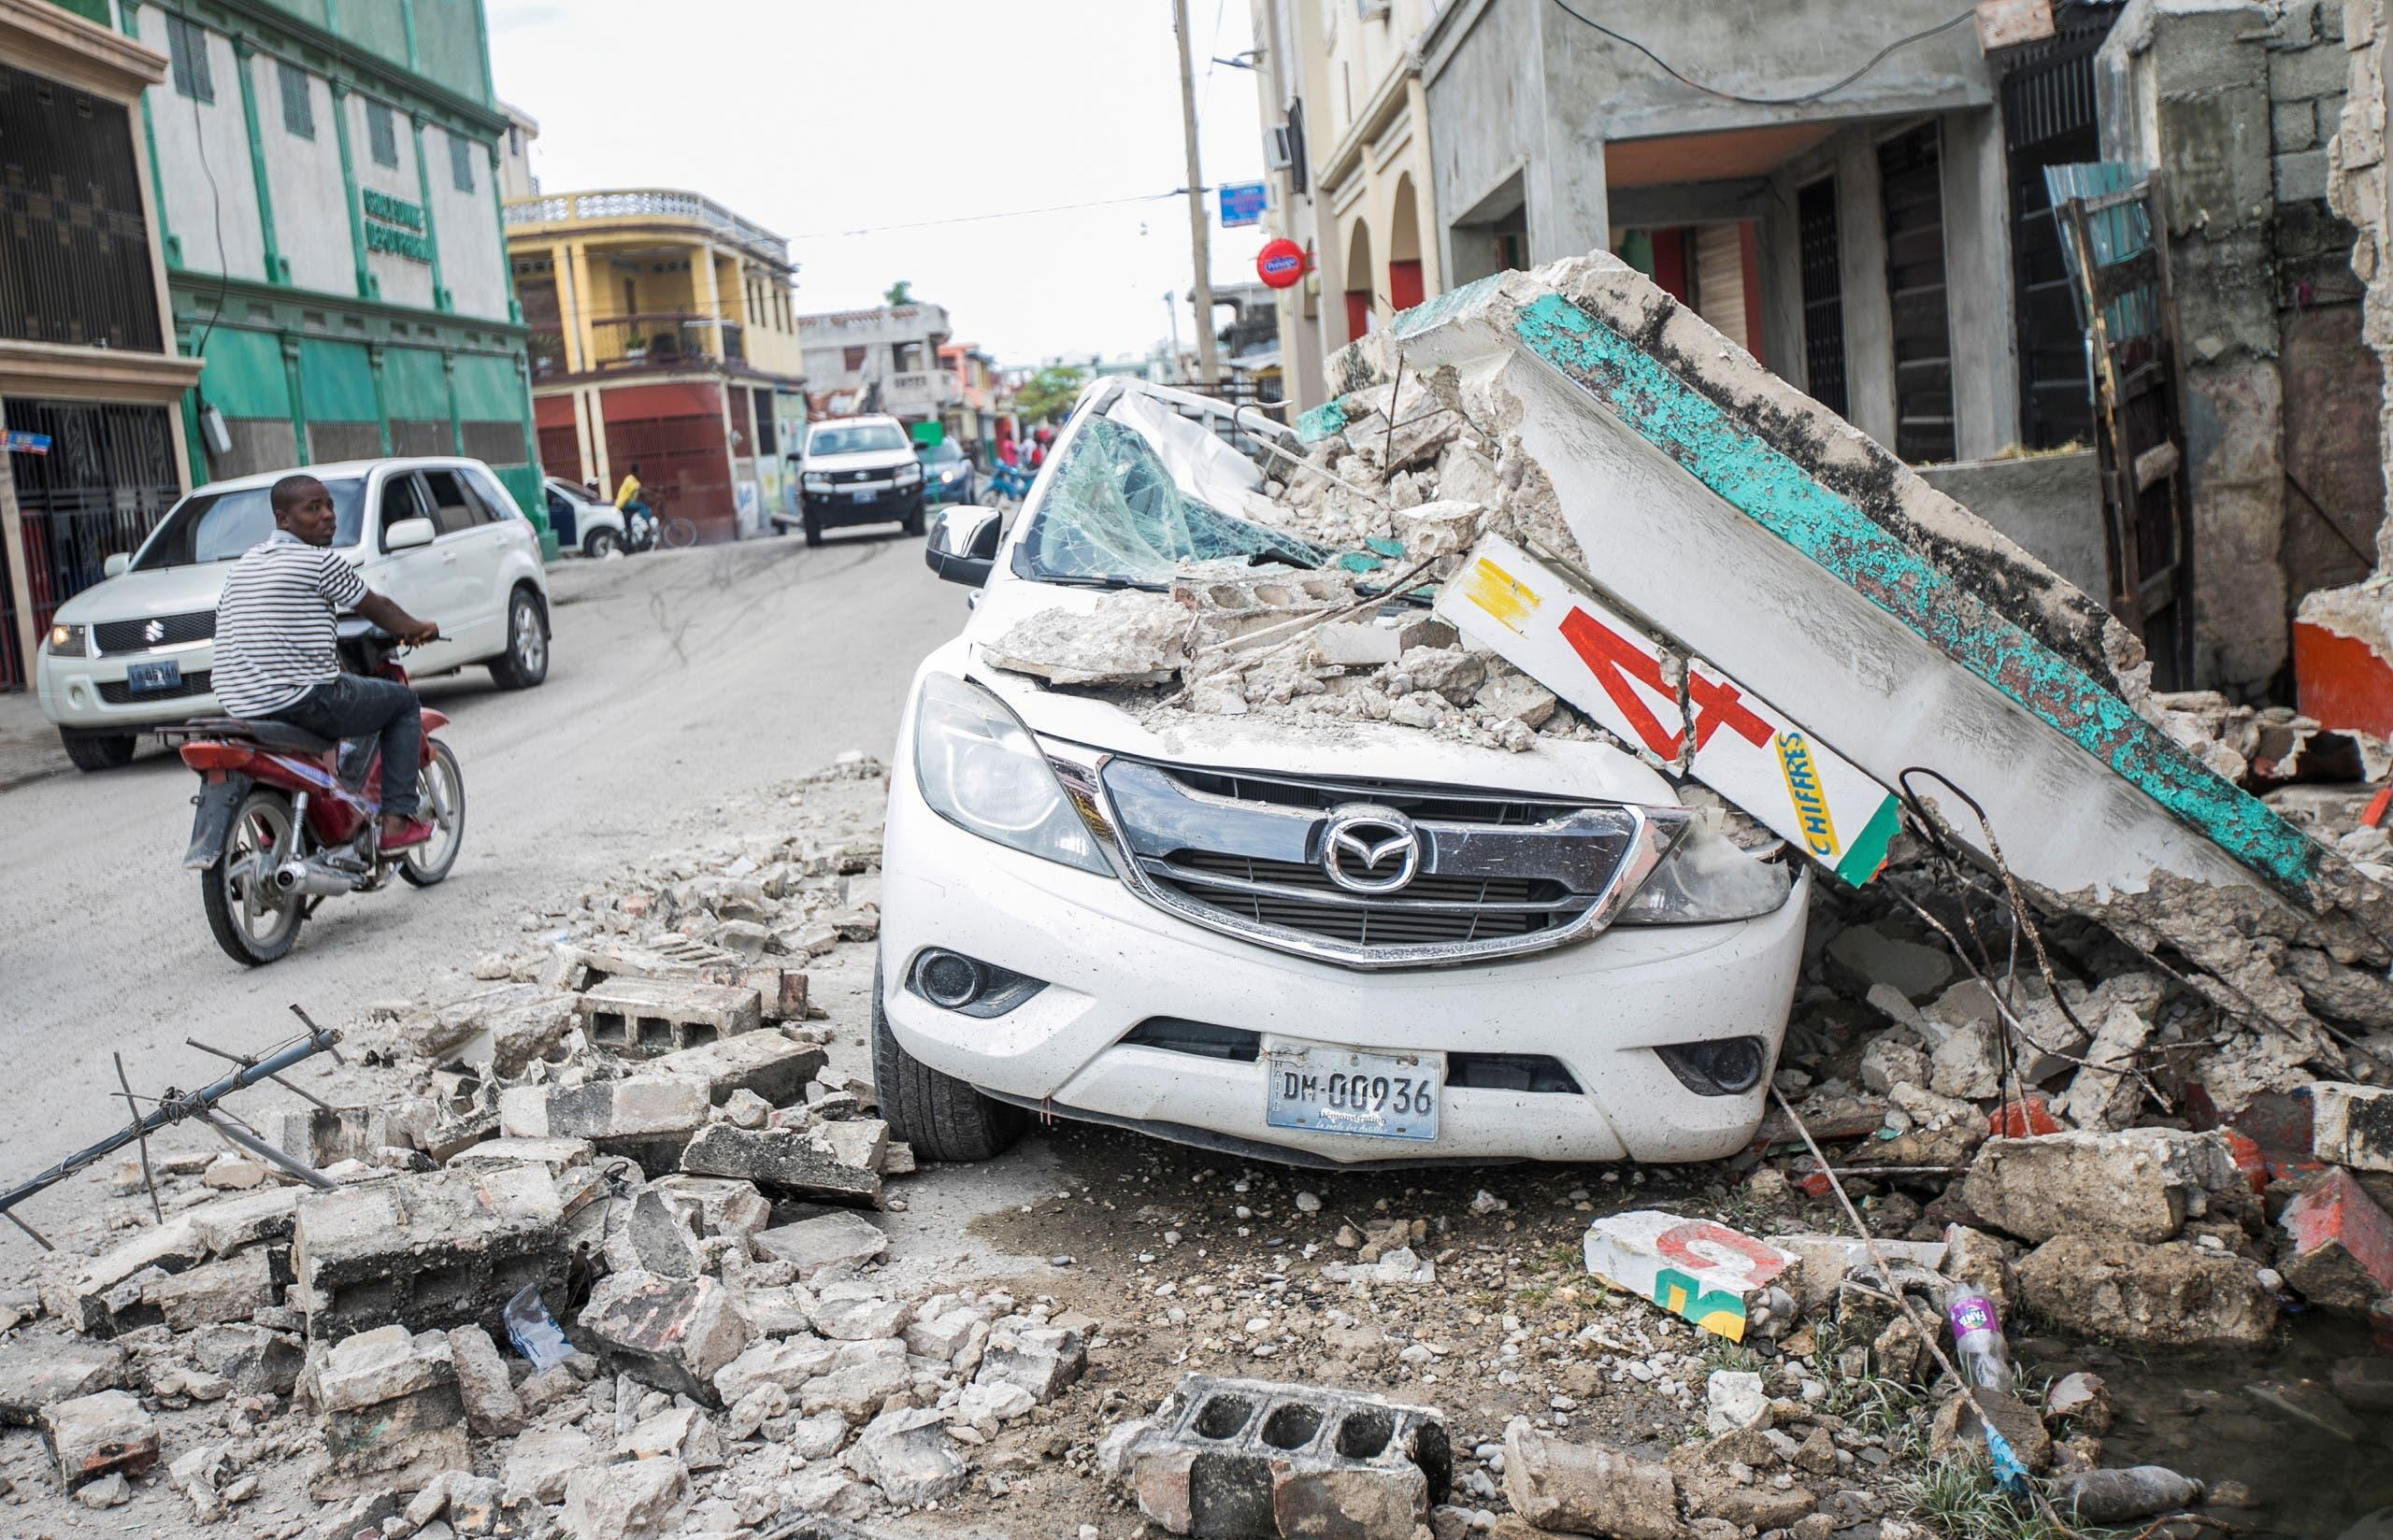 الدمار الذي خلفه الزلزال في هايتي